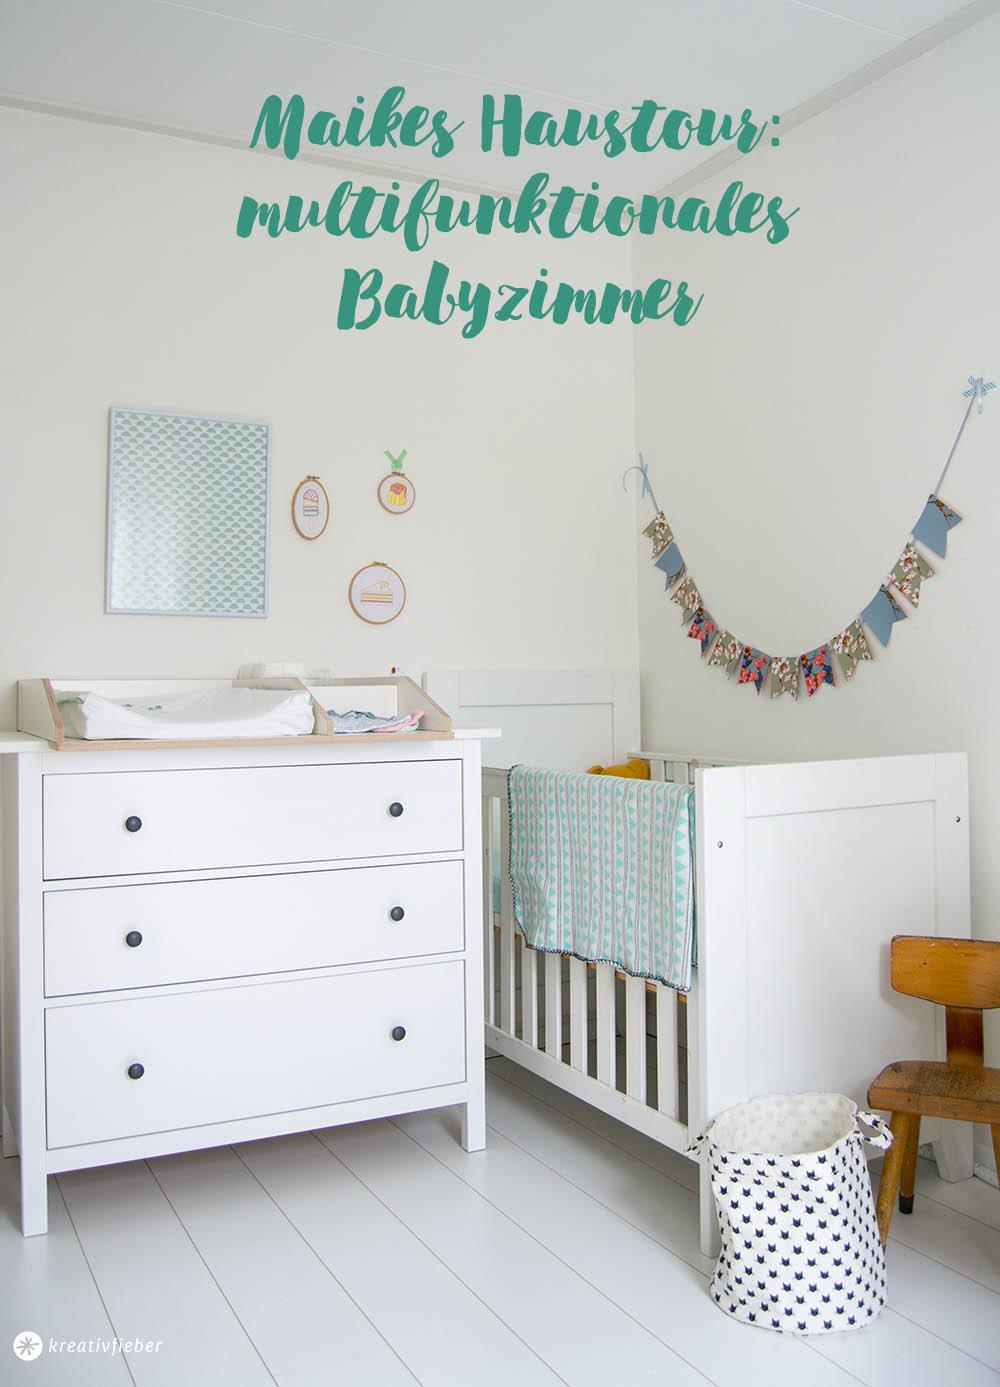 Full Size of Kinderzimmer Einrichtung Maikes Haustour Multifunktionales Babyzimmer Einrichten Sofa Regal Regale Weiß Kinderzimmer Kinderzimmer Einrichtung